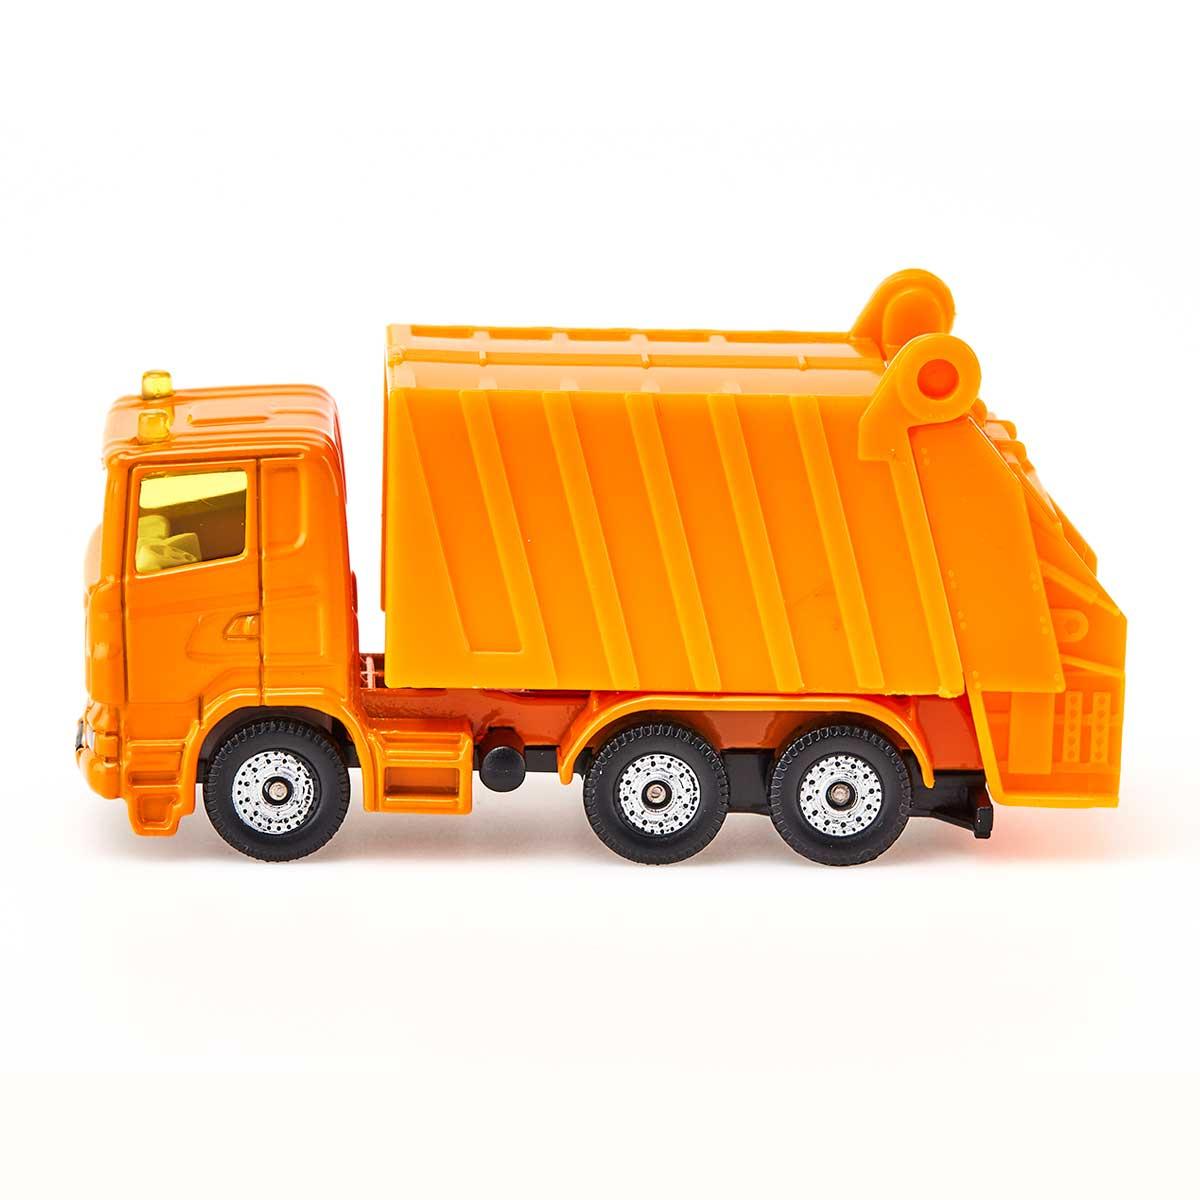 ゴミ収集トラック(ジク・SIKU)